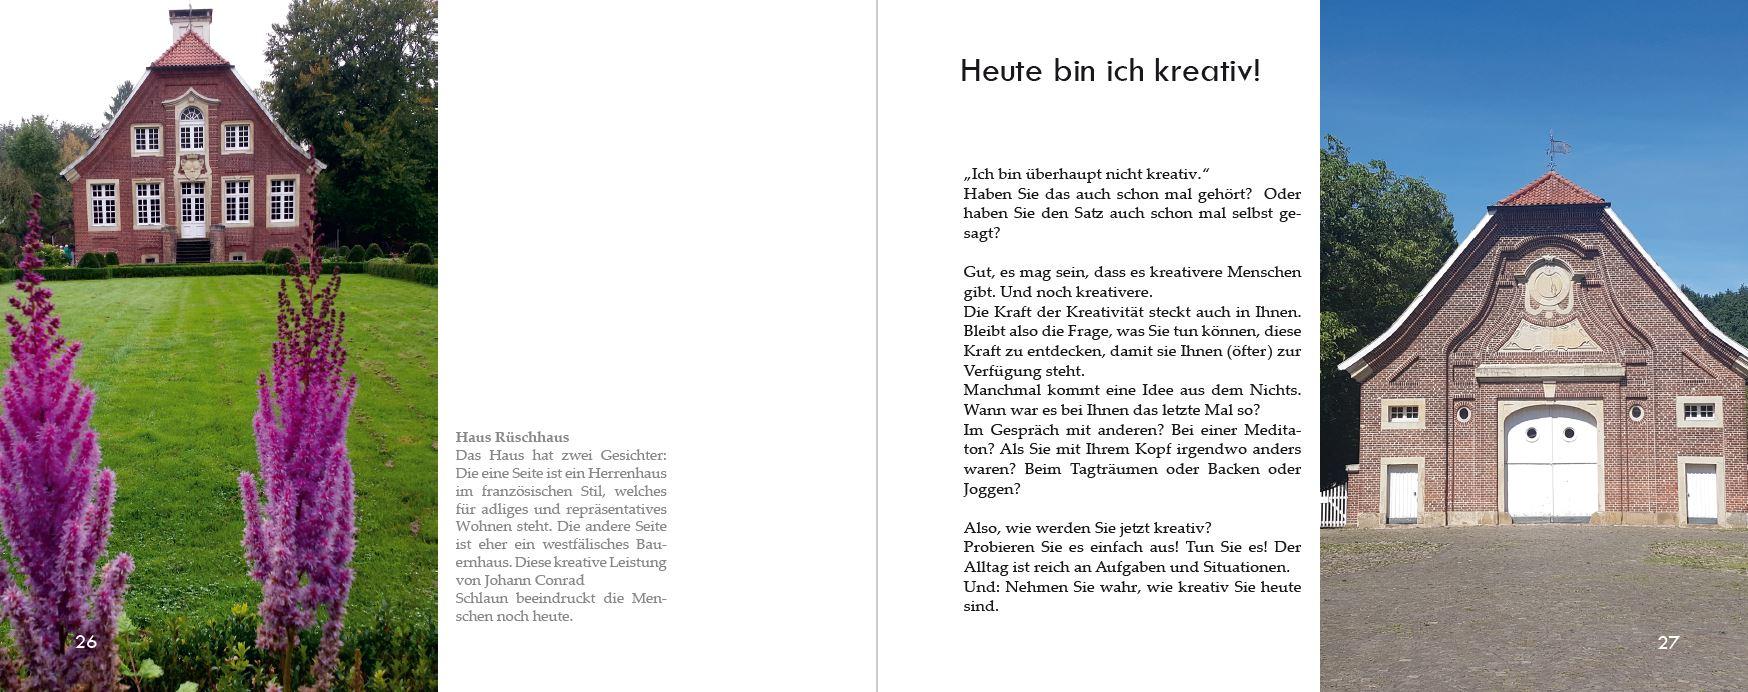 Ein Blick Ins Buch Gefällig Spacopris Webseite